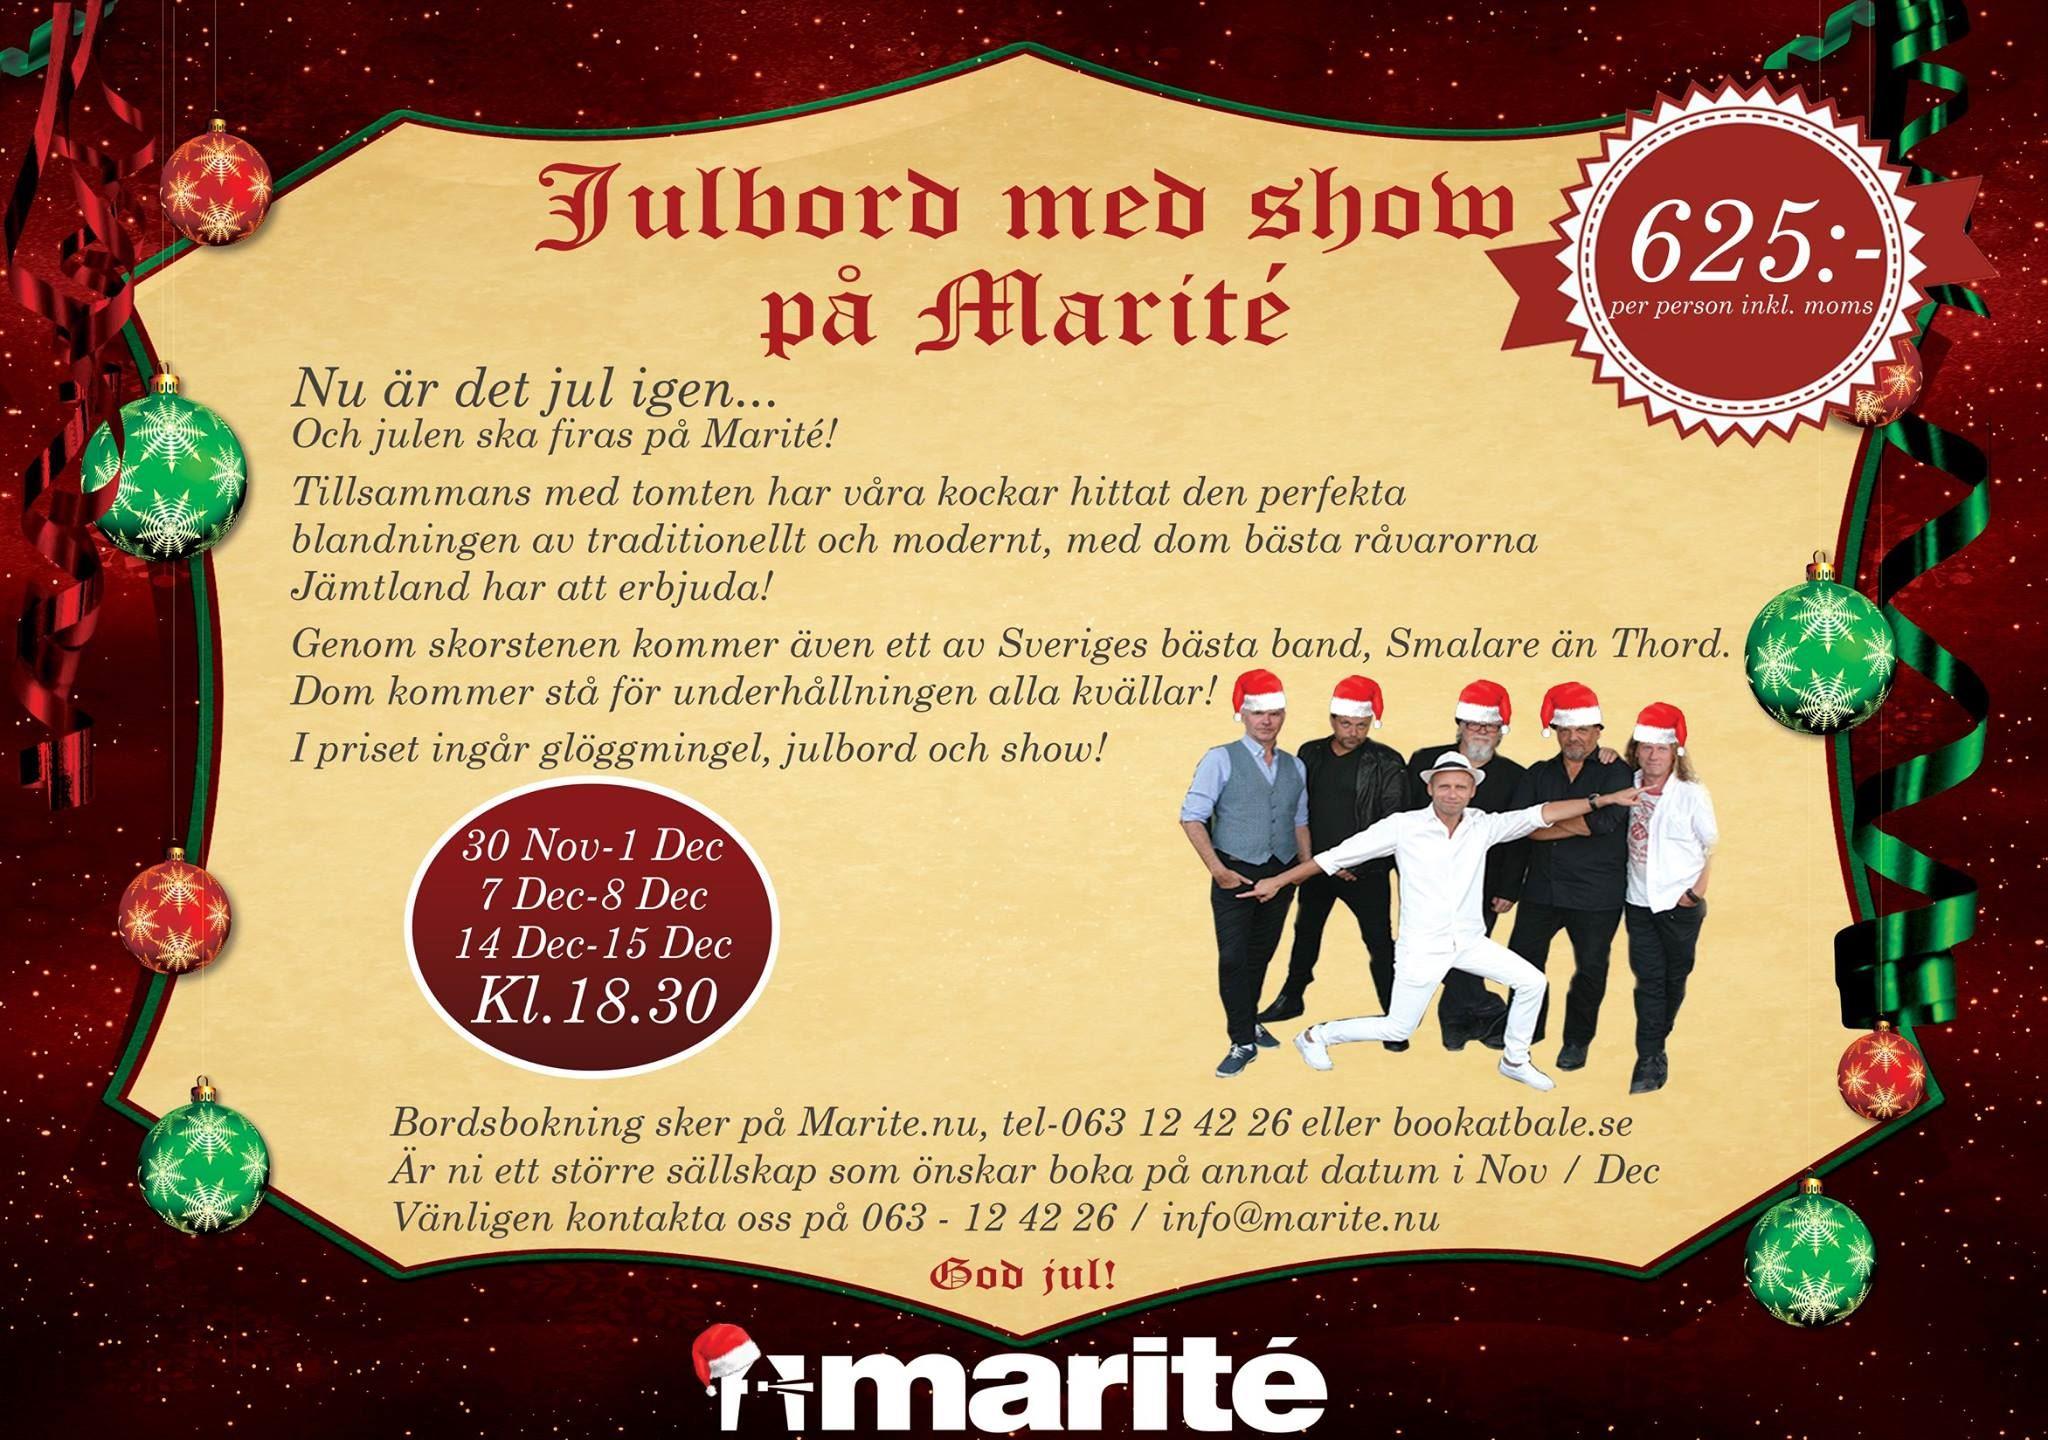 © Copy: Marité, Julkonsert med julbord - Smalare än Thord 2.0